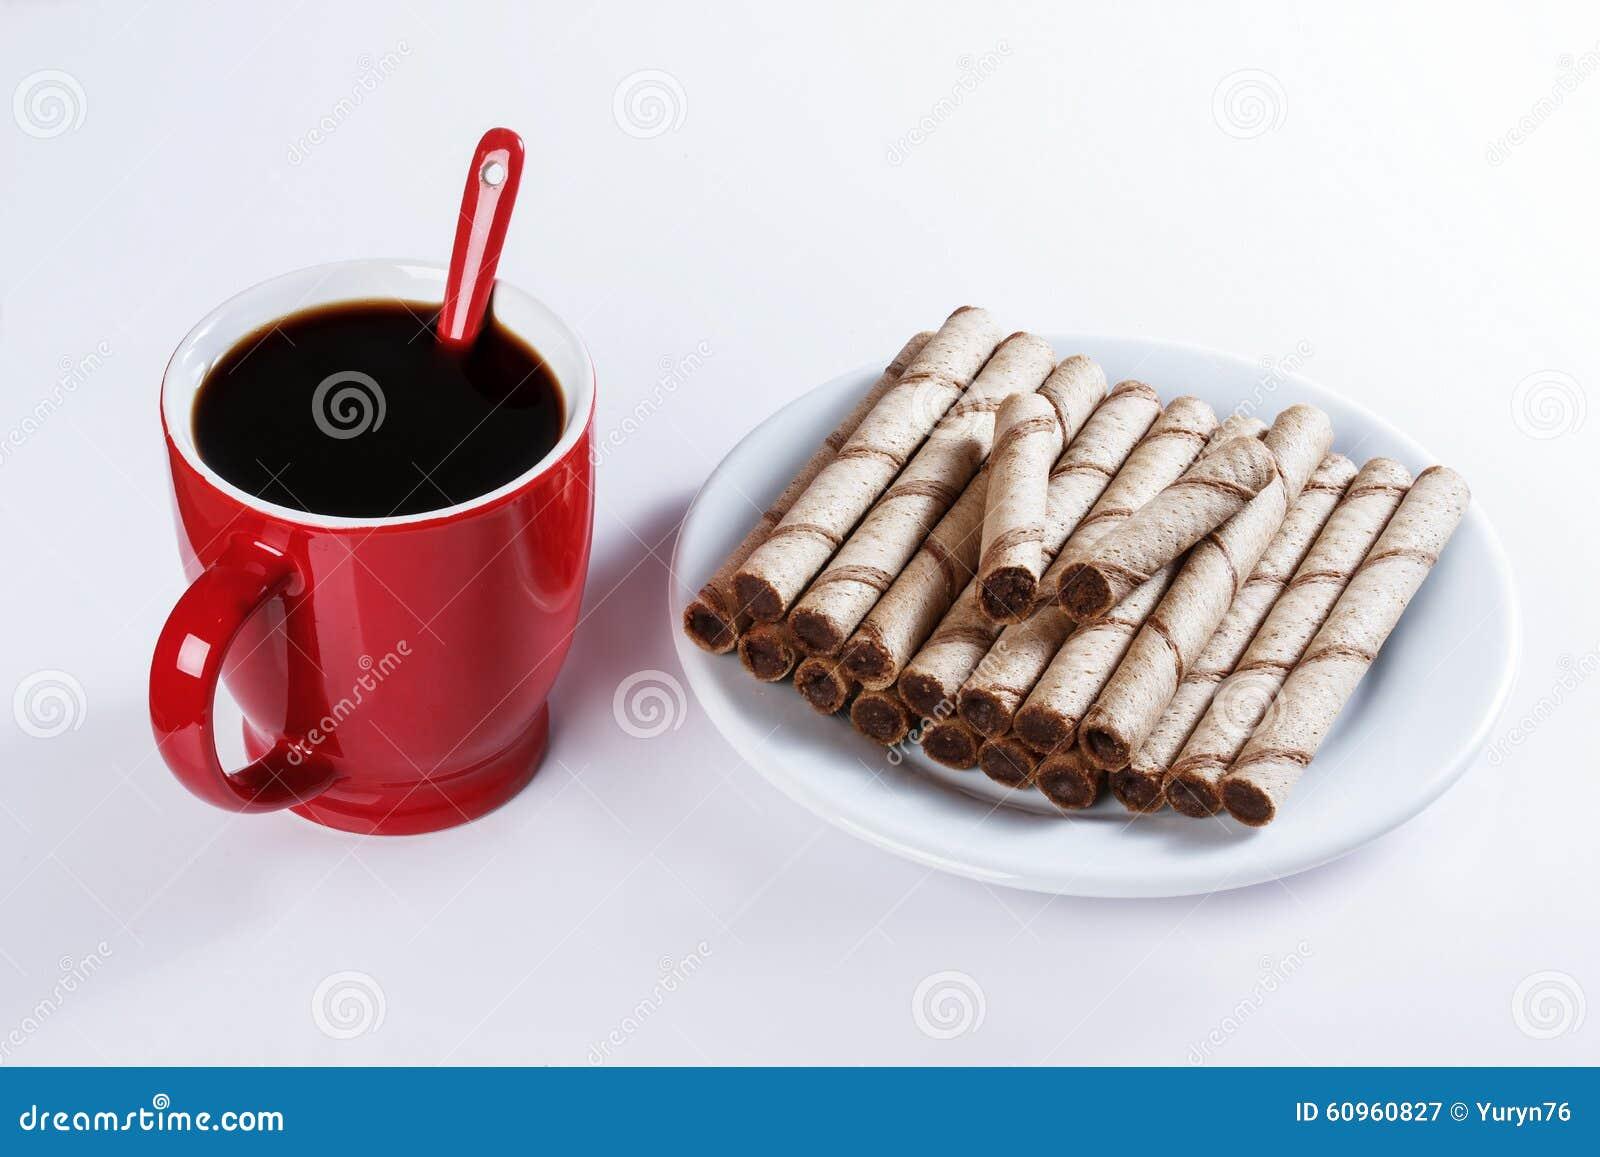 Breakfast Coffee Cake In A Mug